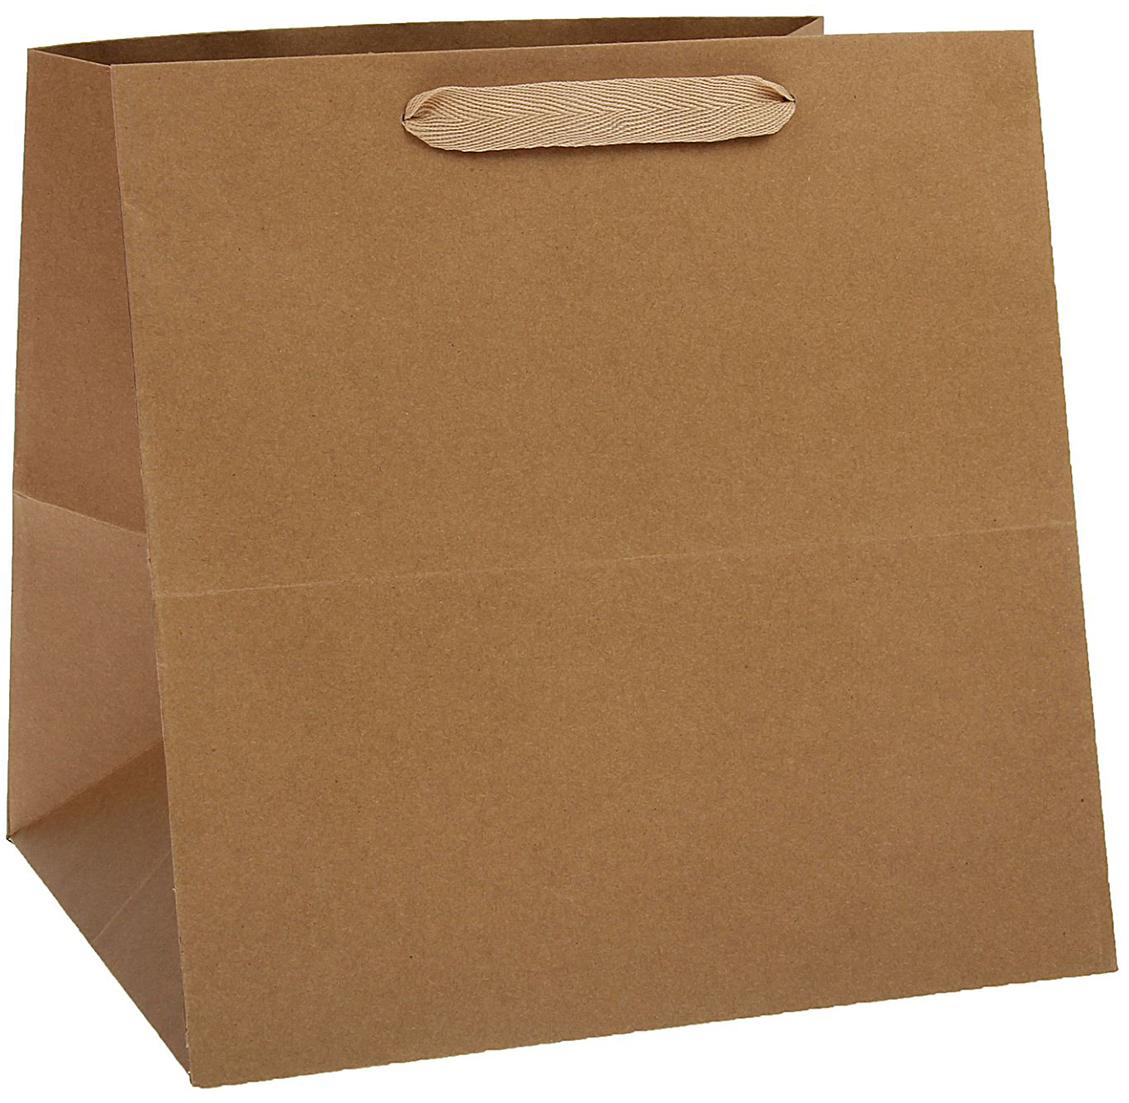 Пакет подарочный, цвет: коричневый, 30 х 30 х 30 см. 1537266